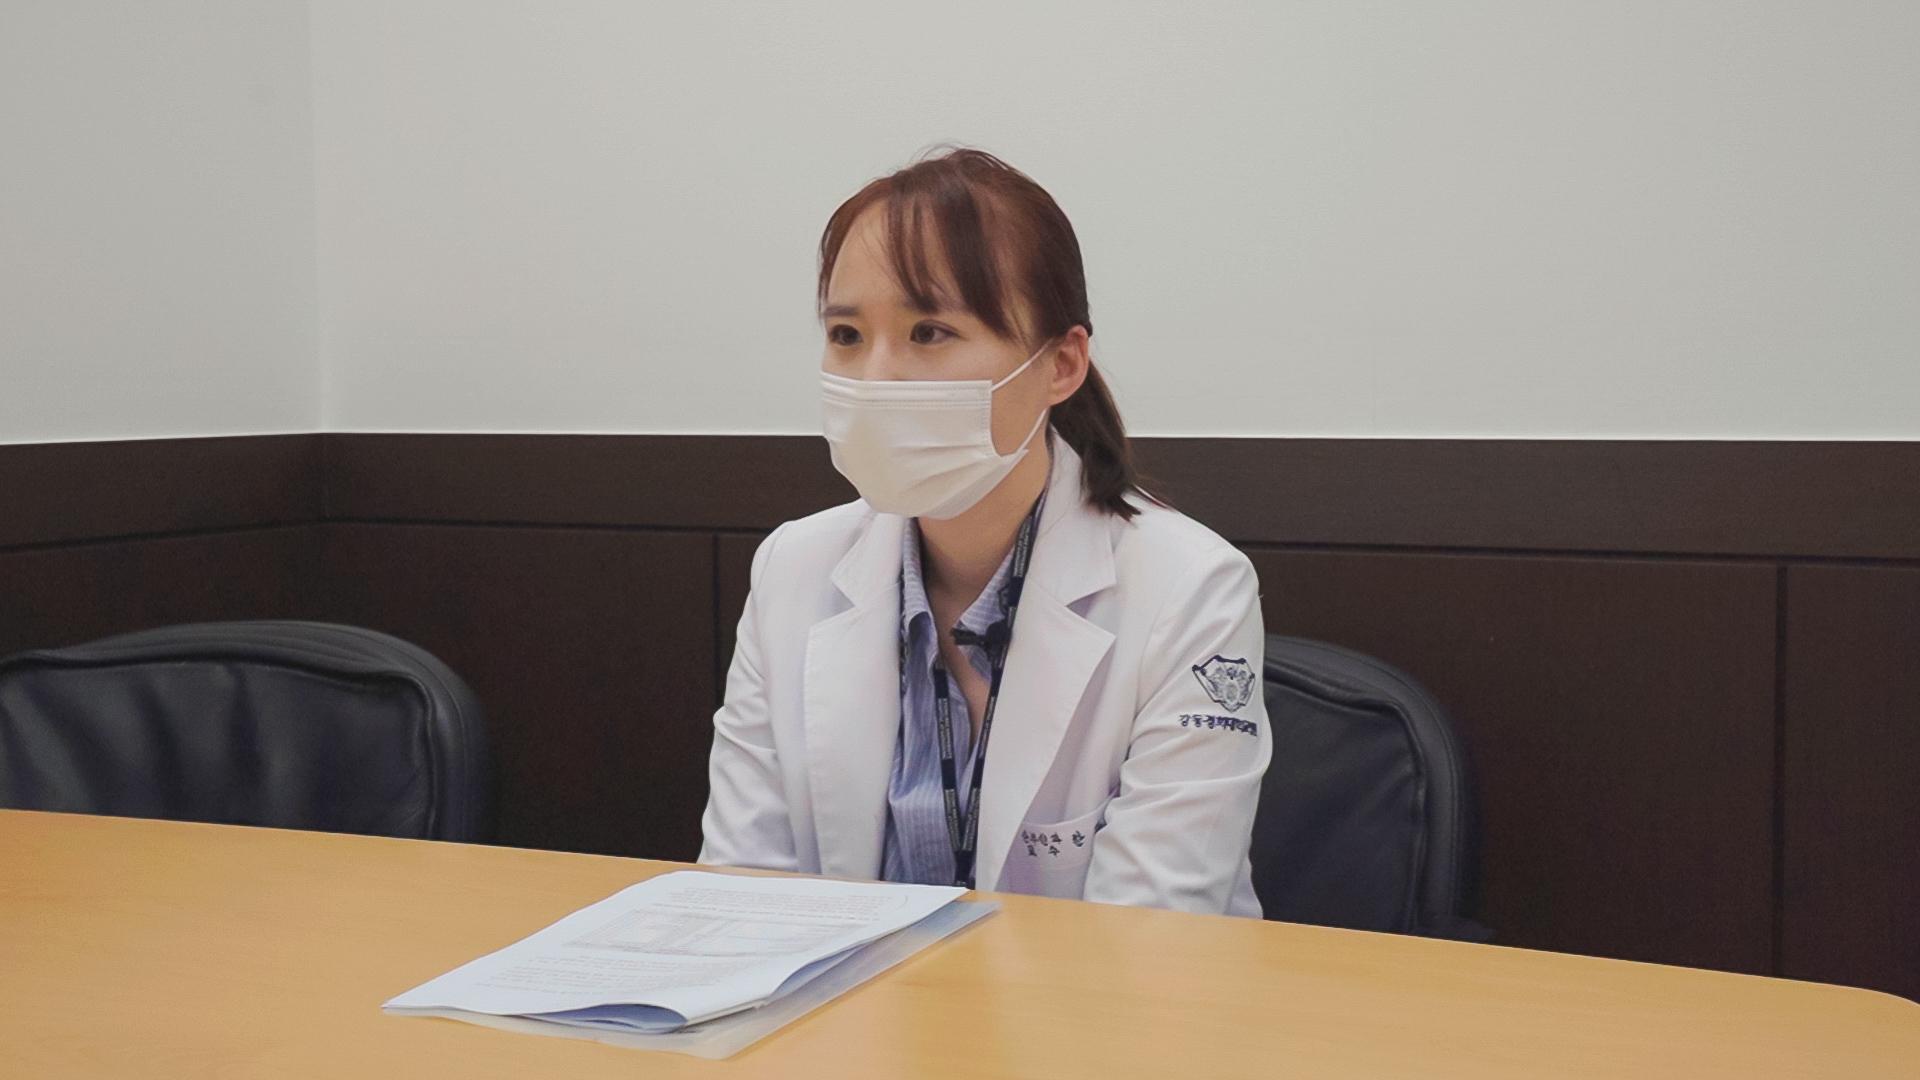 한관희 강동경희대병원 산부인과 교수는 ″HPV 예방 접종을 적극적으로 알리는 교육이 필요하다″고 강조했다. 이시은 인턴